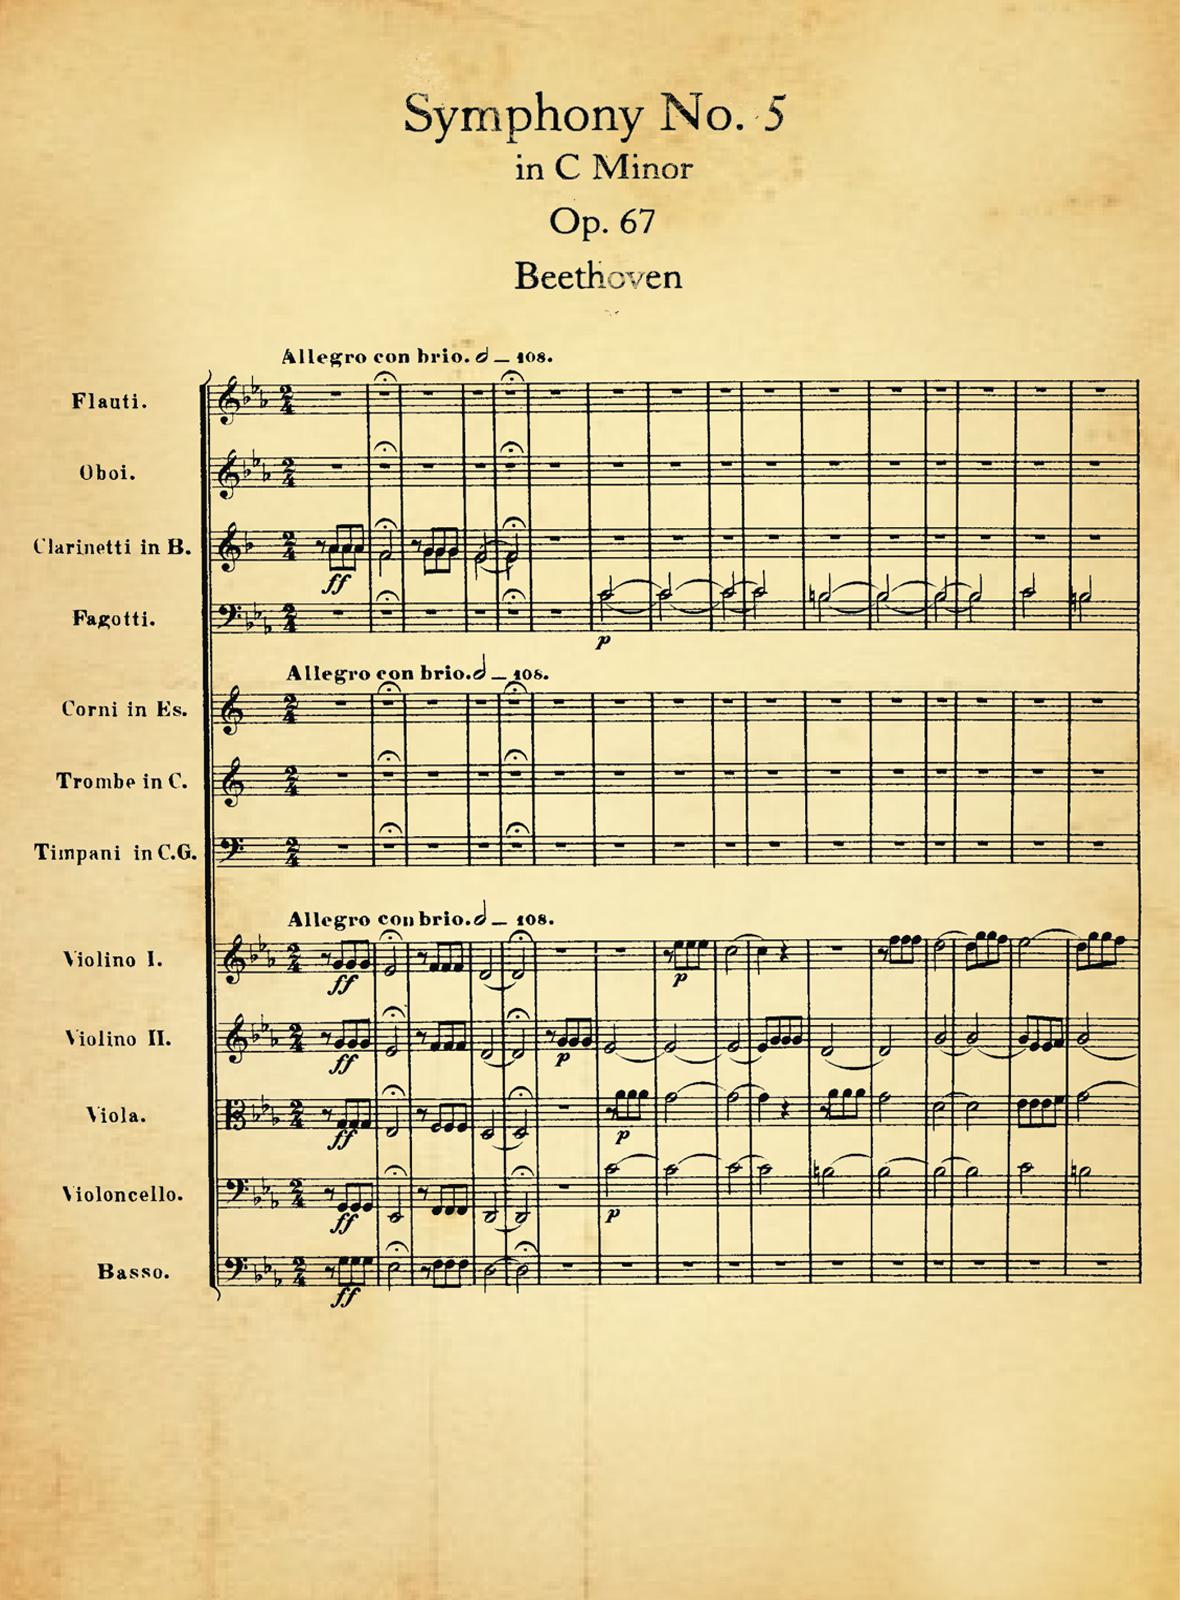 Quinta sinfonia de beethoven - 4 9